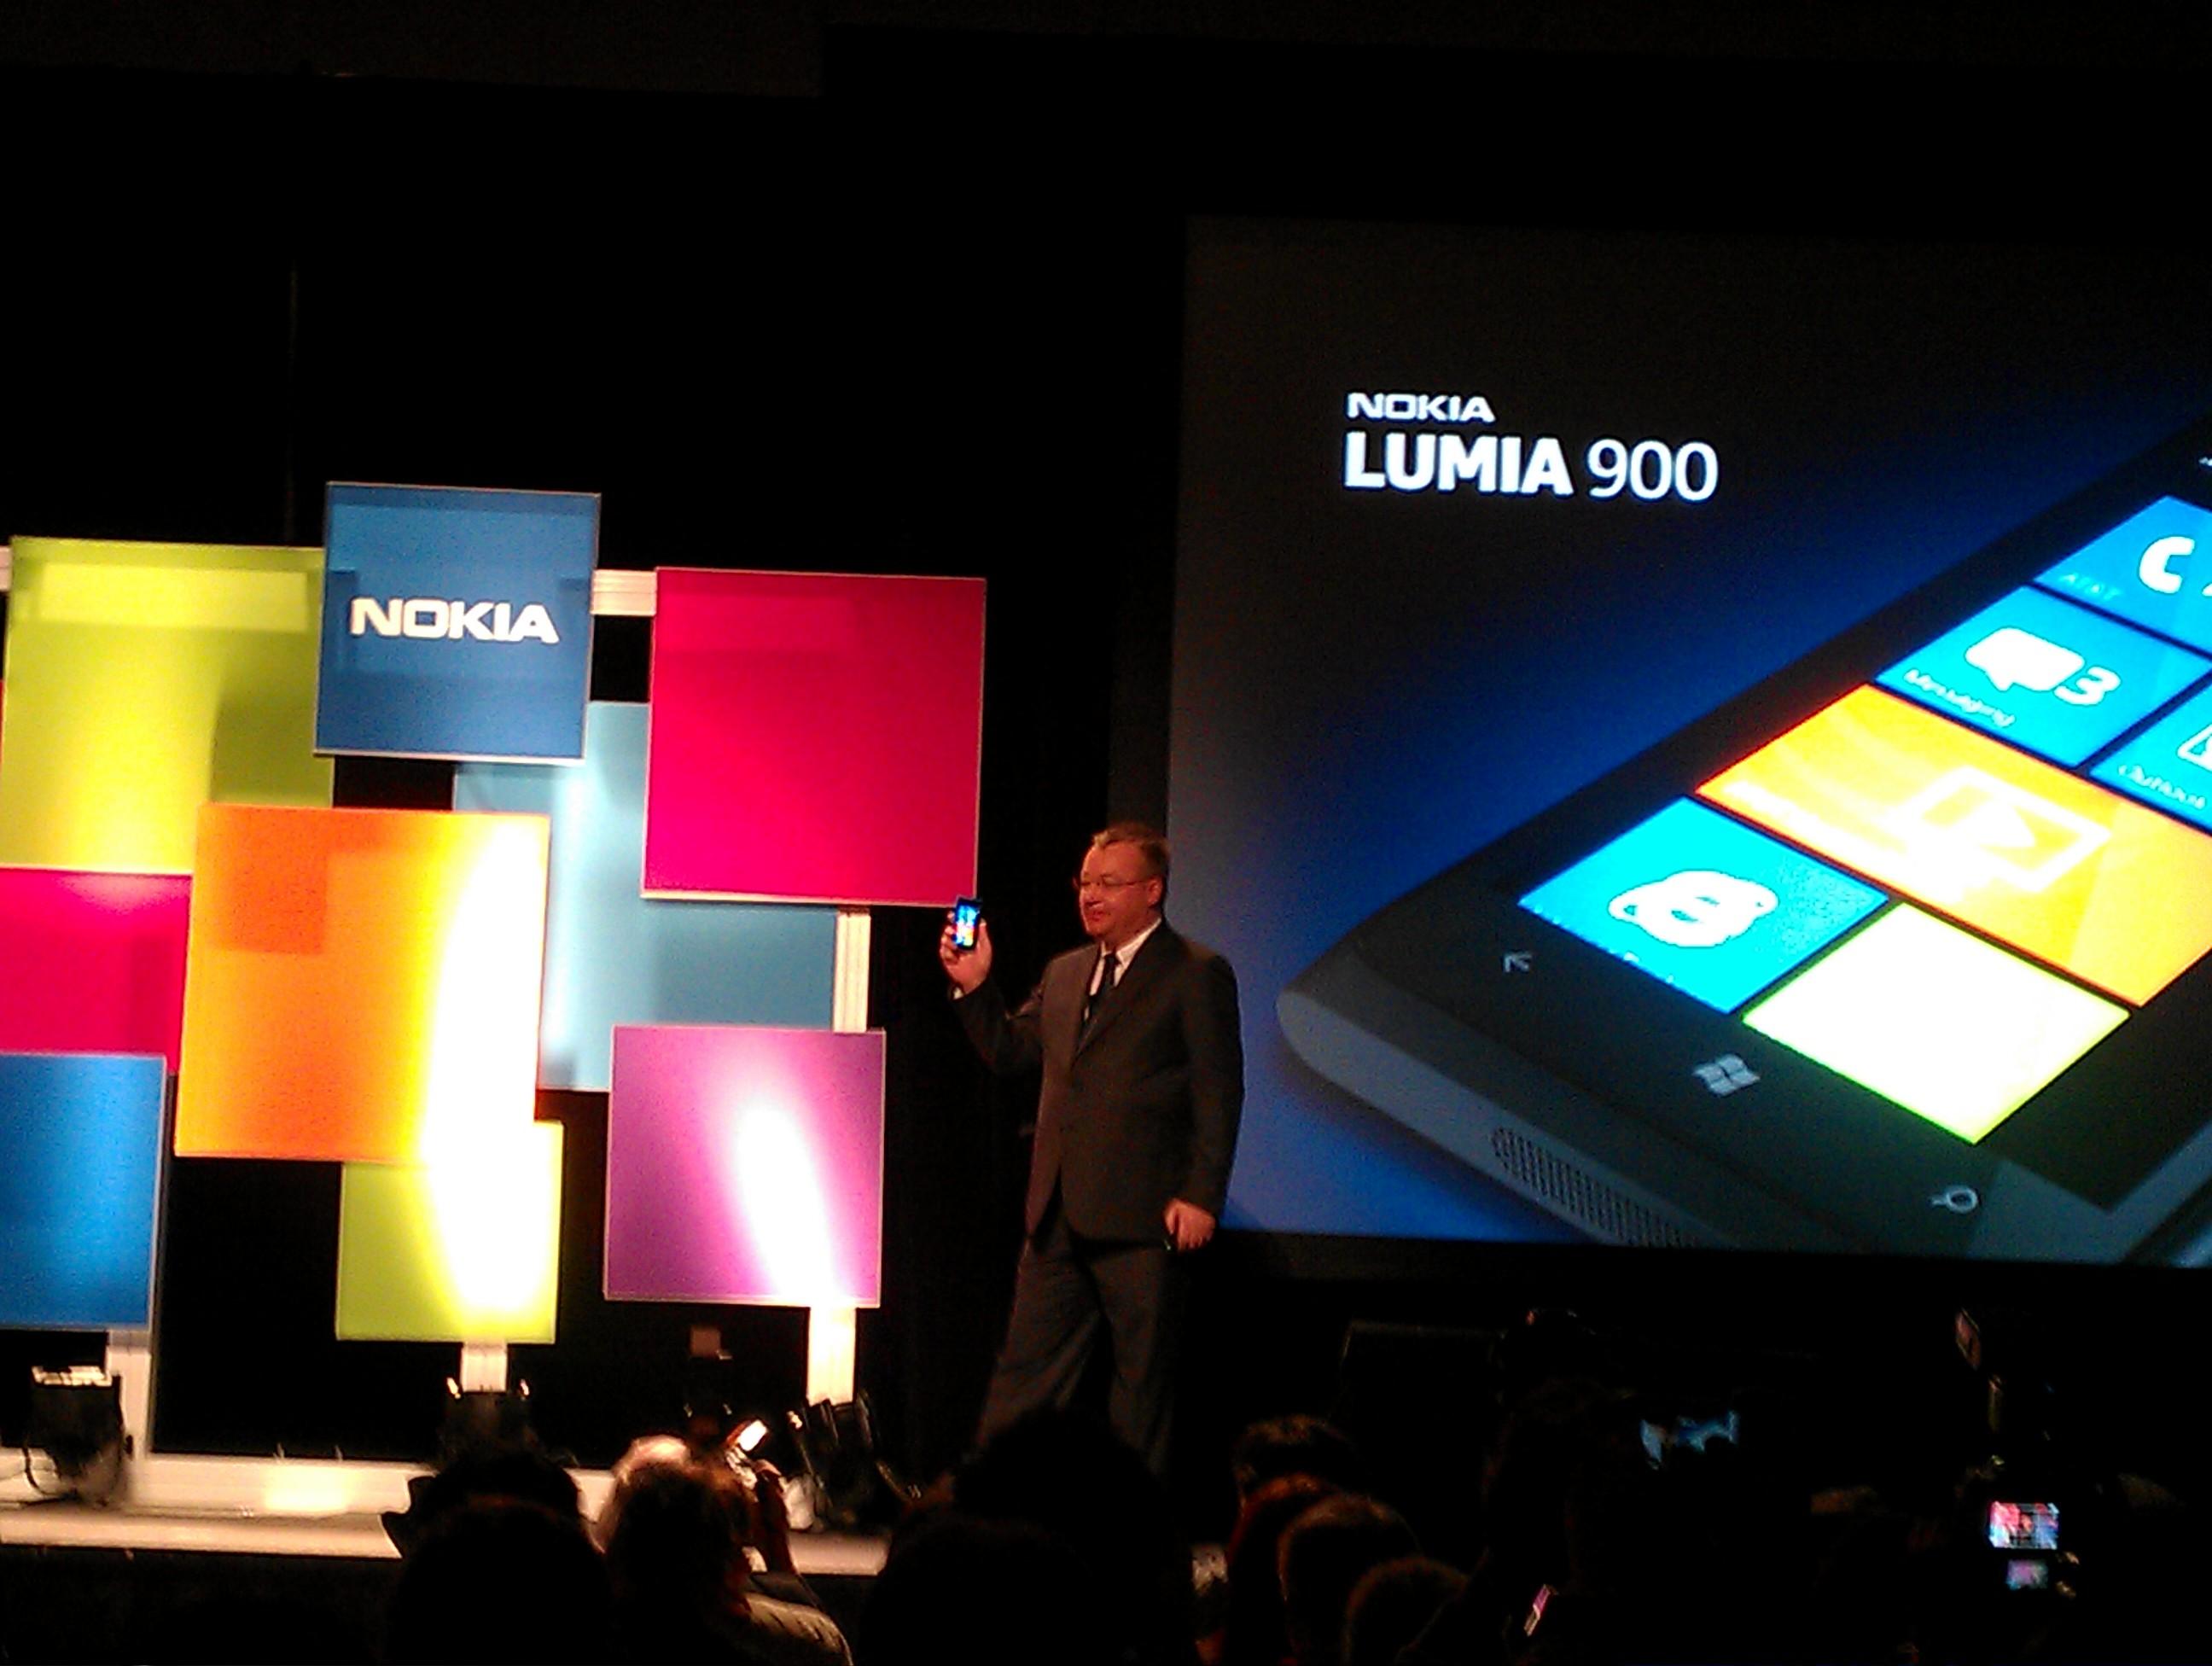 Nokia recorta 4.000 puestos de trabajo